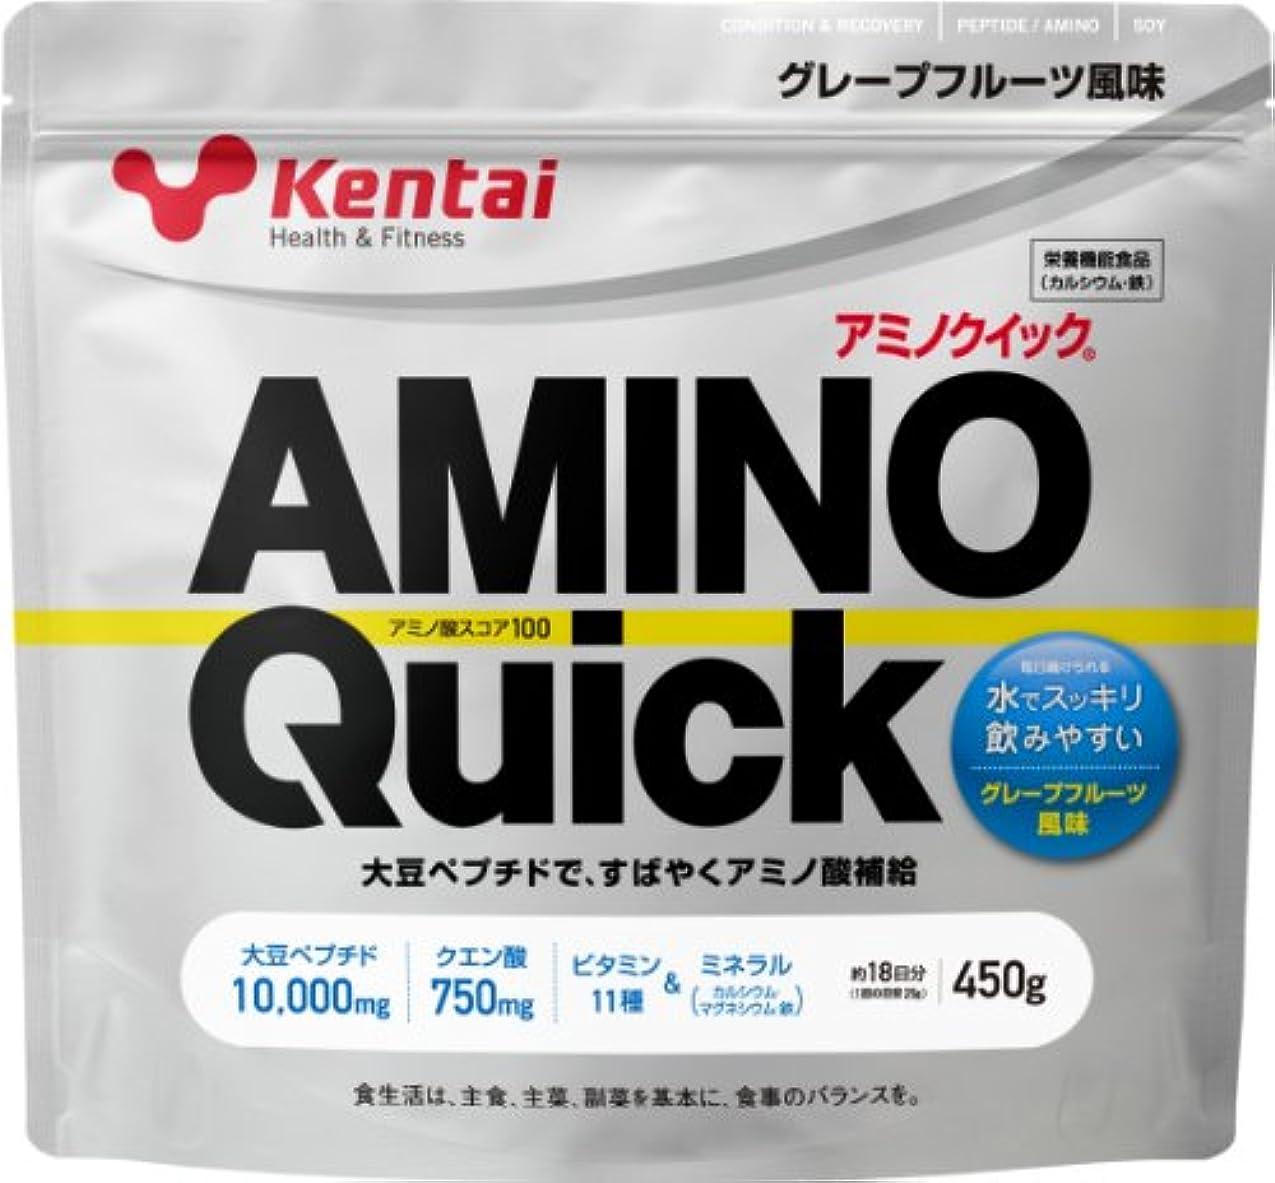 トリッキー蜜恐れるKentai アミノクイック グレープフルーツ 450g